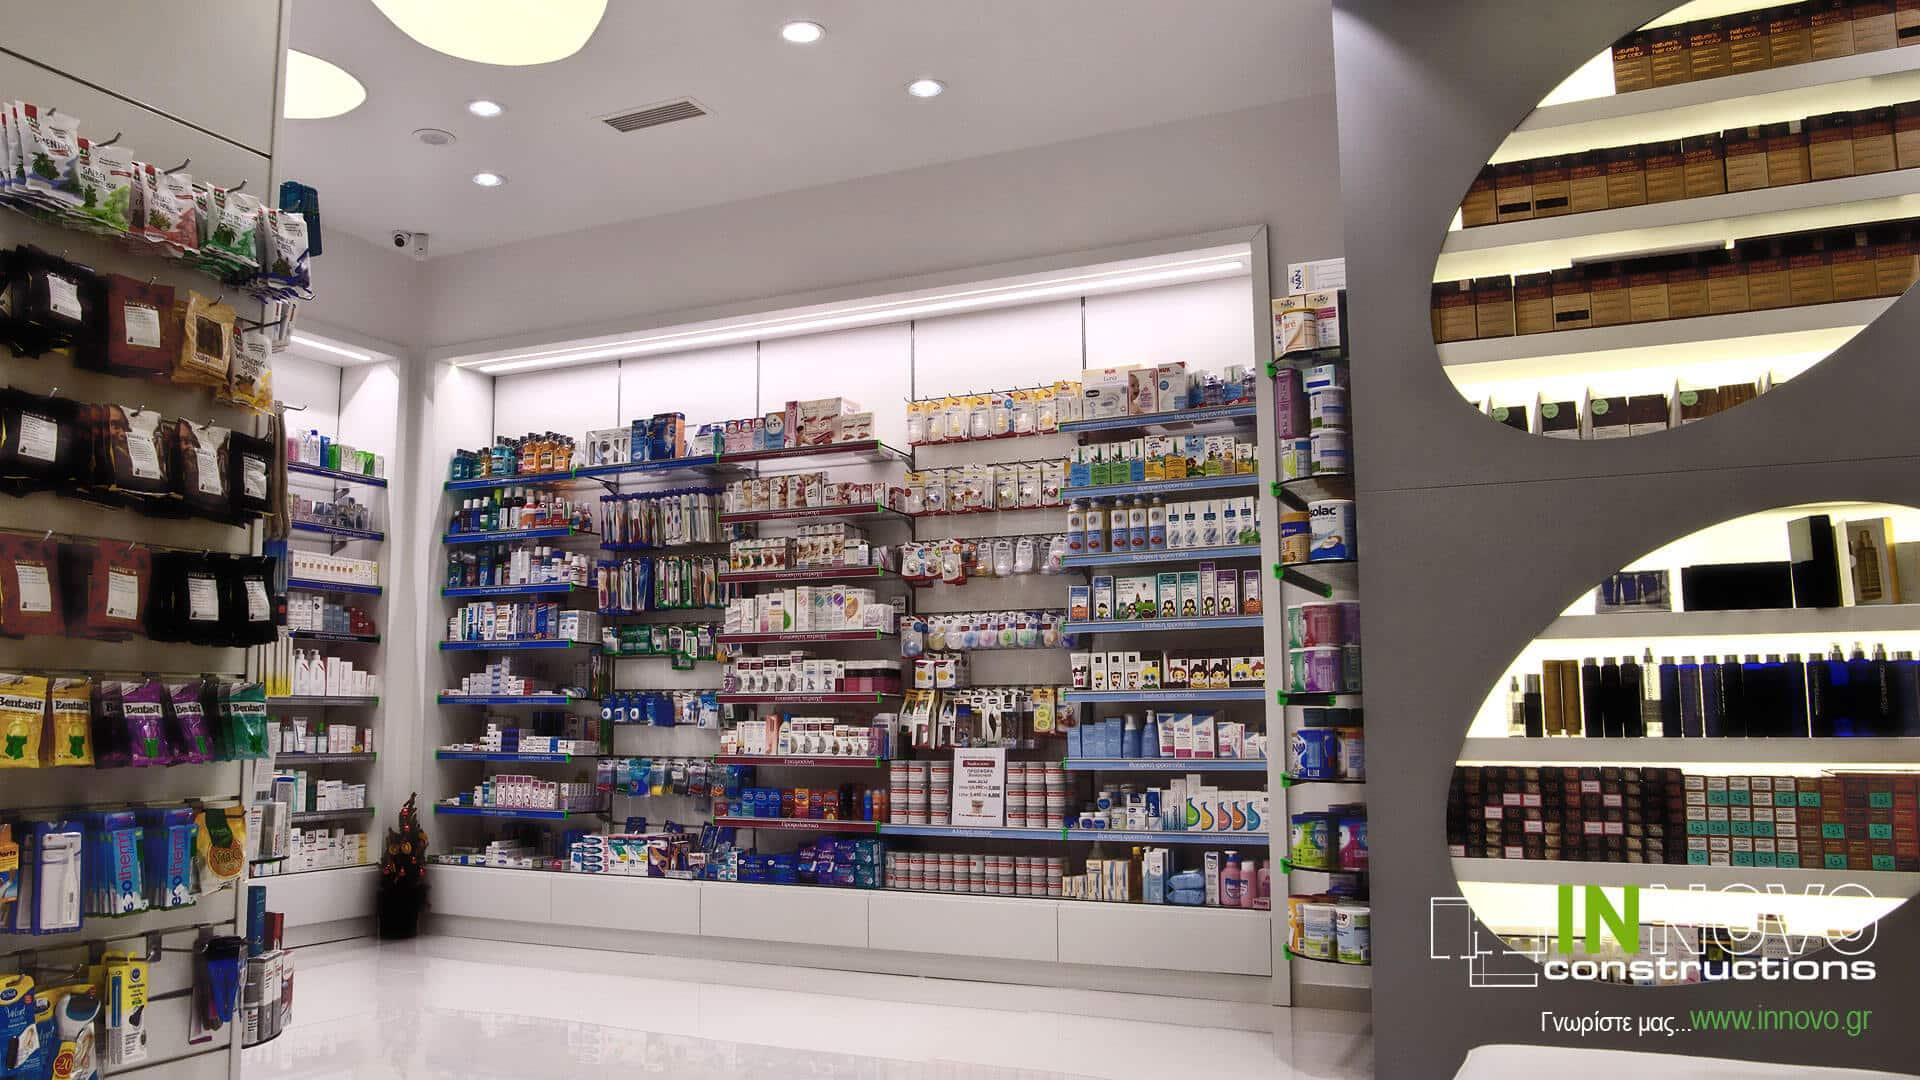 Επίπλωση Φαρμακείου στη Νέα Ερυθραία